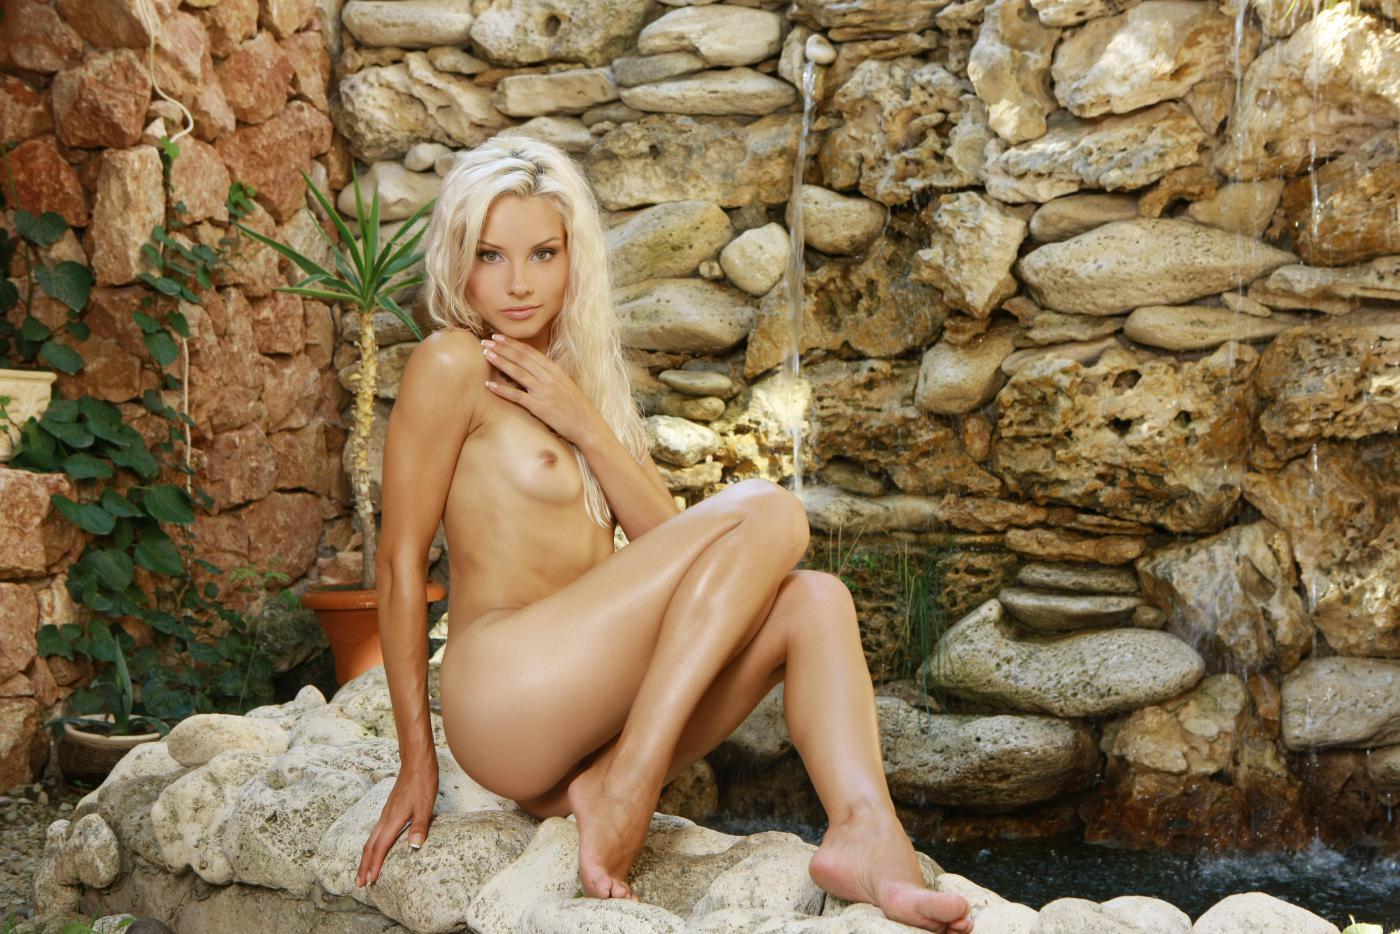 Невероятная блондиночка Tessa E делает селфи обнаженной